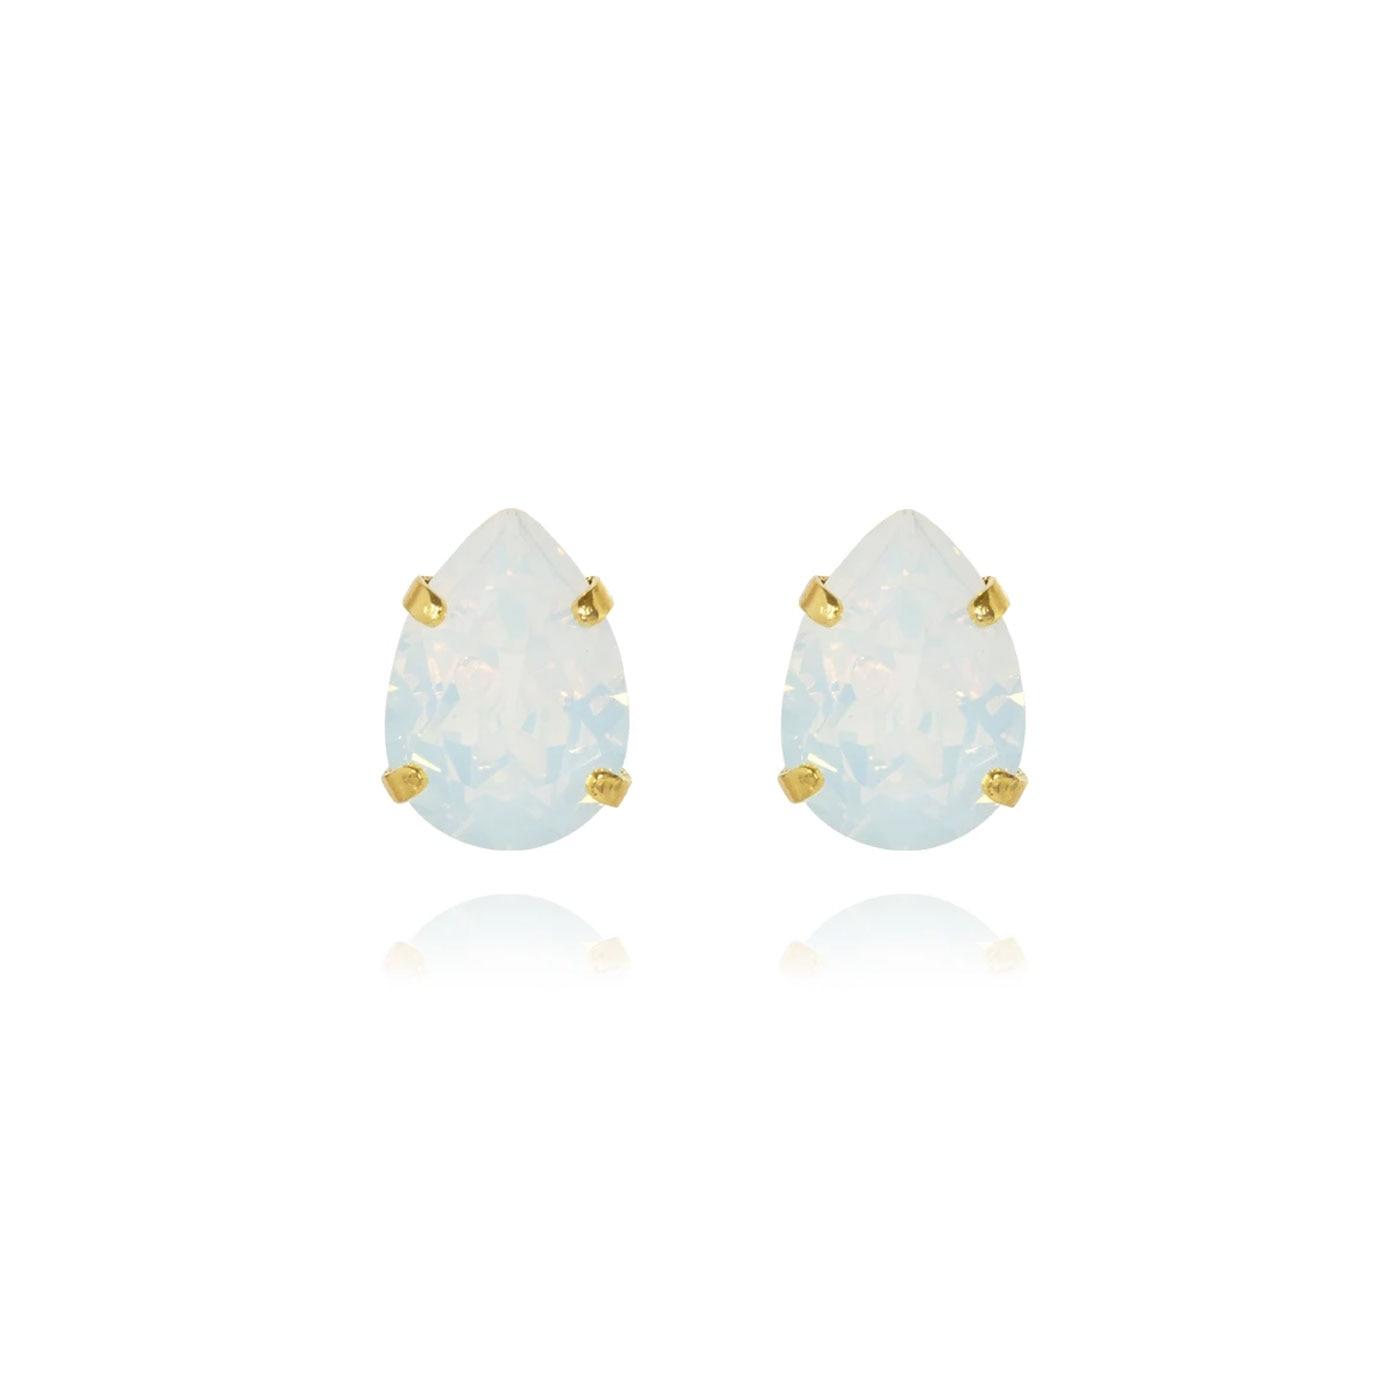 Mini Drop Stud Earrings Gold White Opal